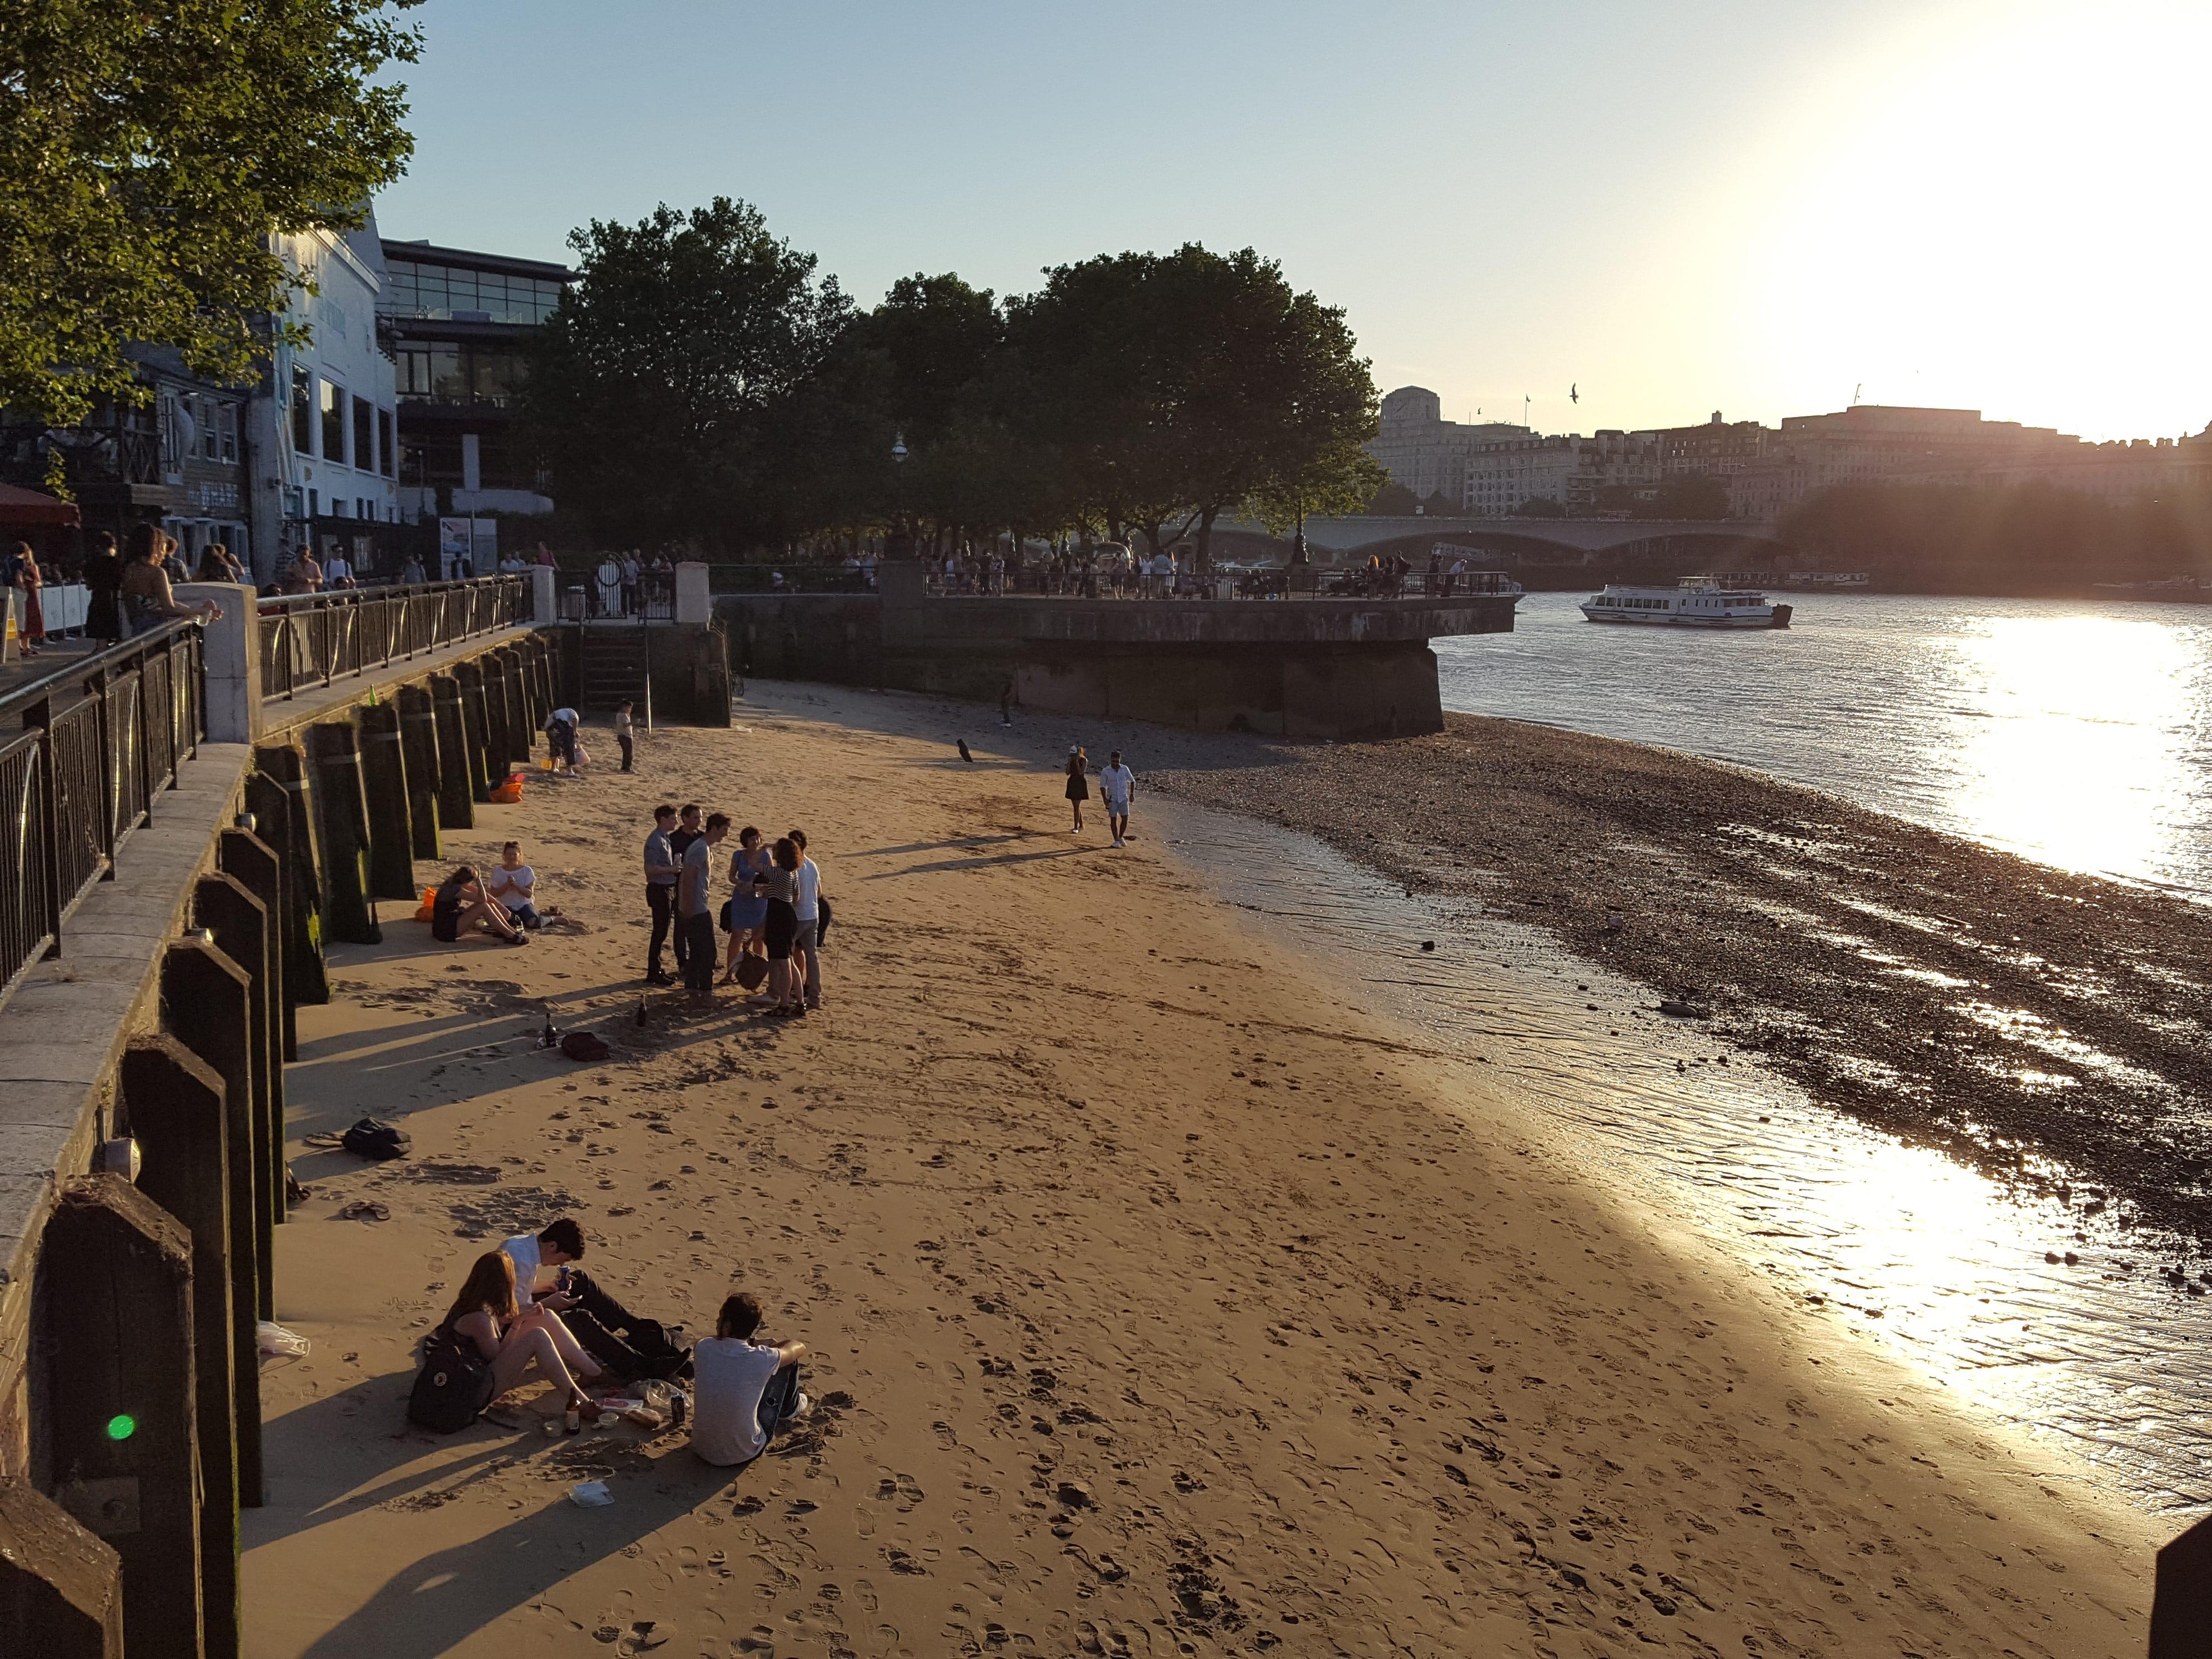 Gabriel's Wharf beach